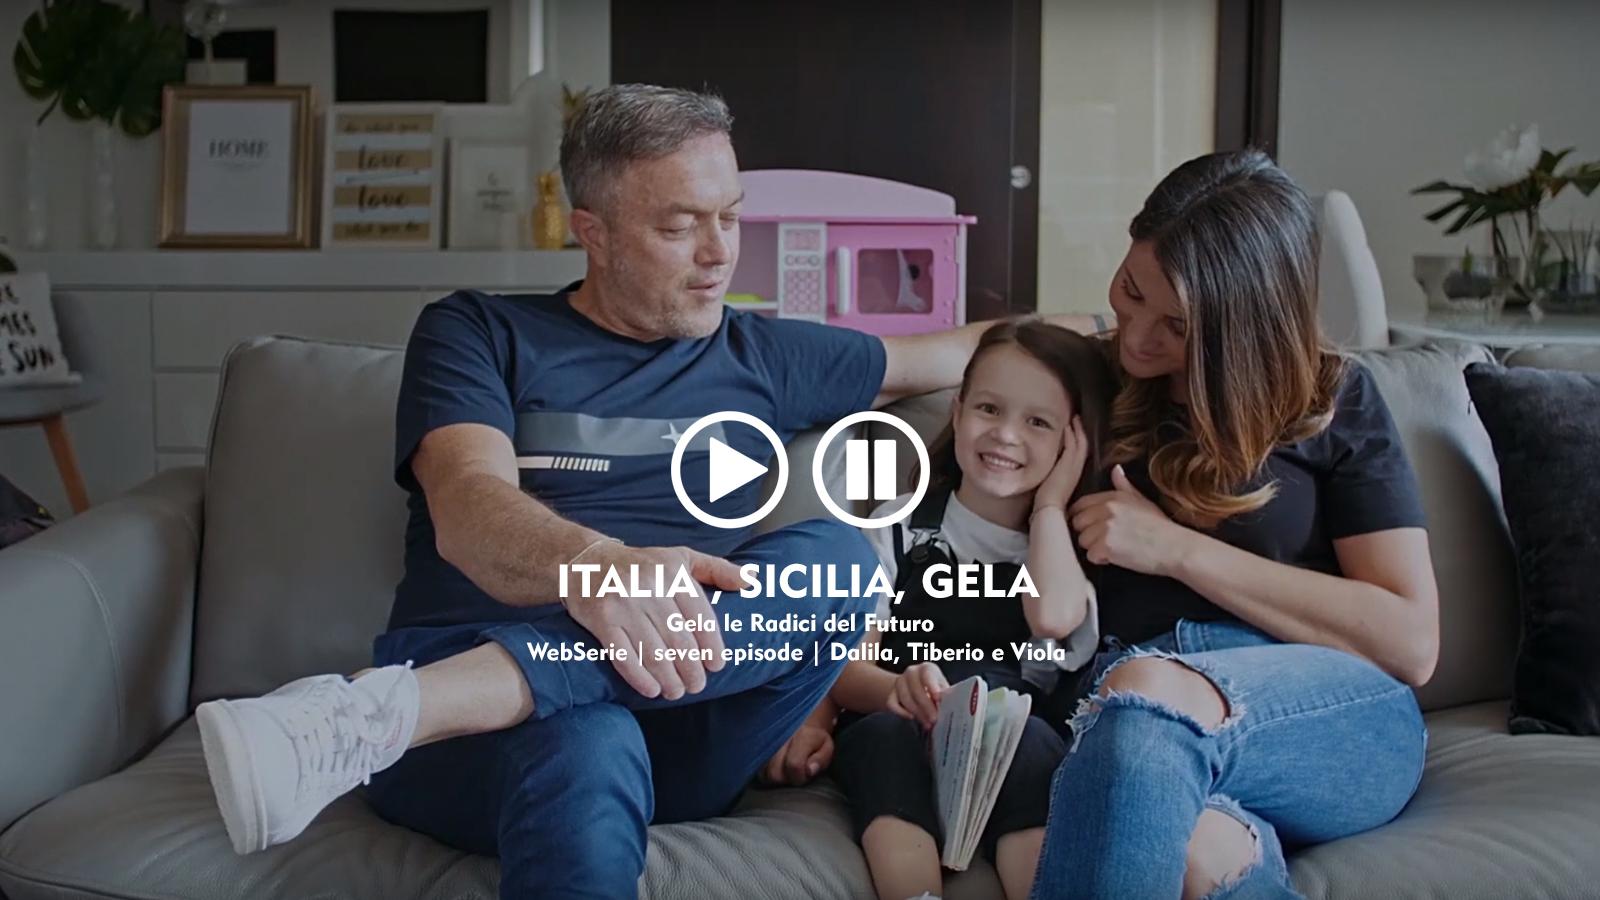 webserie | italia, sicilia, gela | seven episode | dalila, tiberio e viola